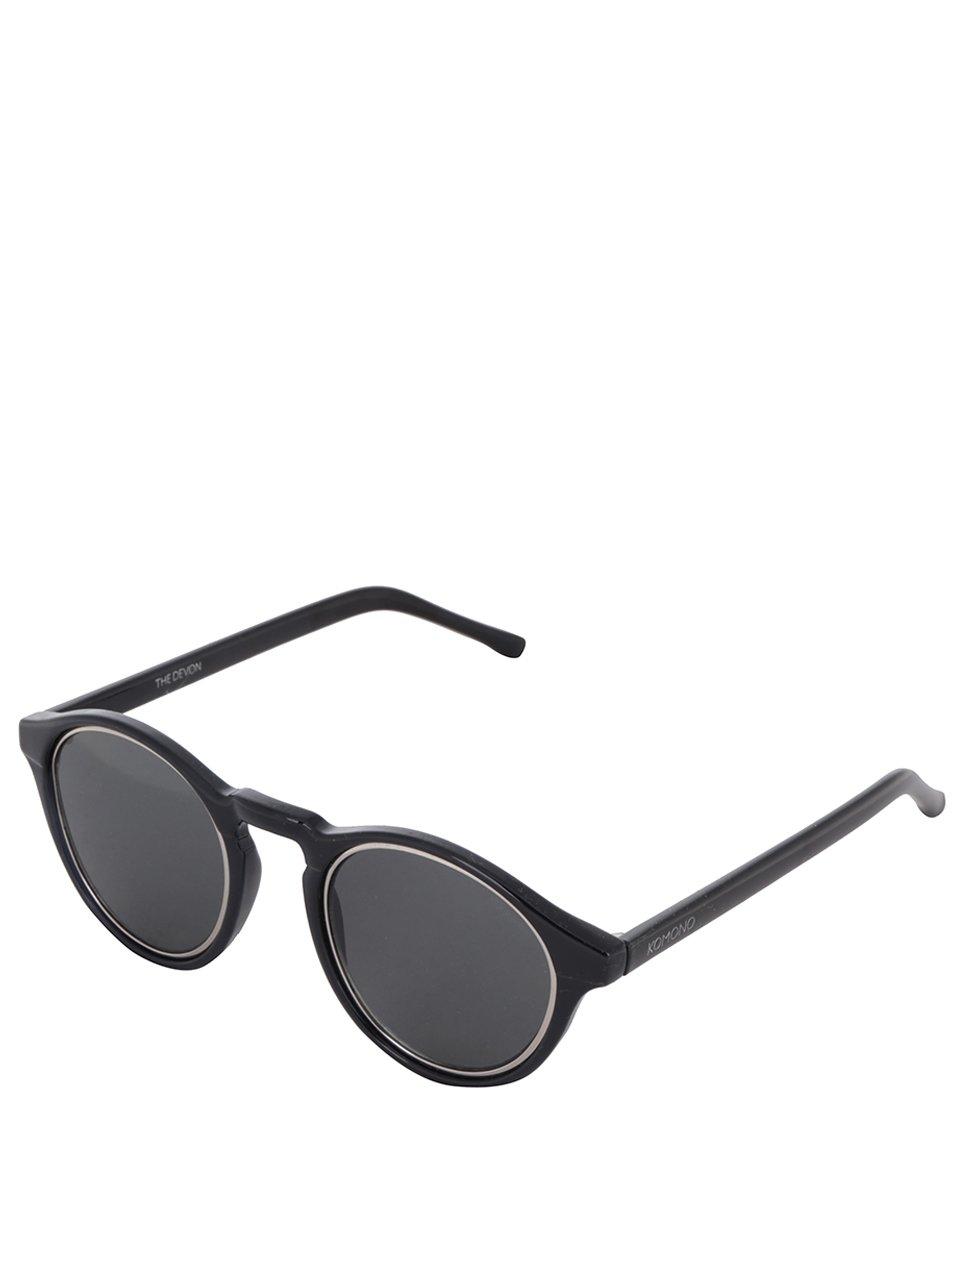 Černé unisex sluneční brýle Komono Devon Medina